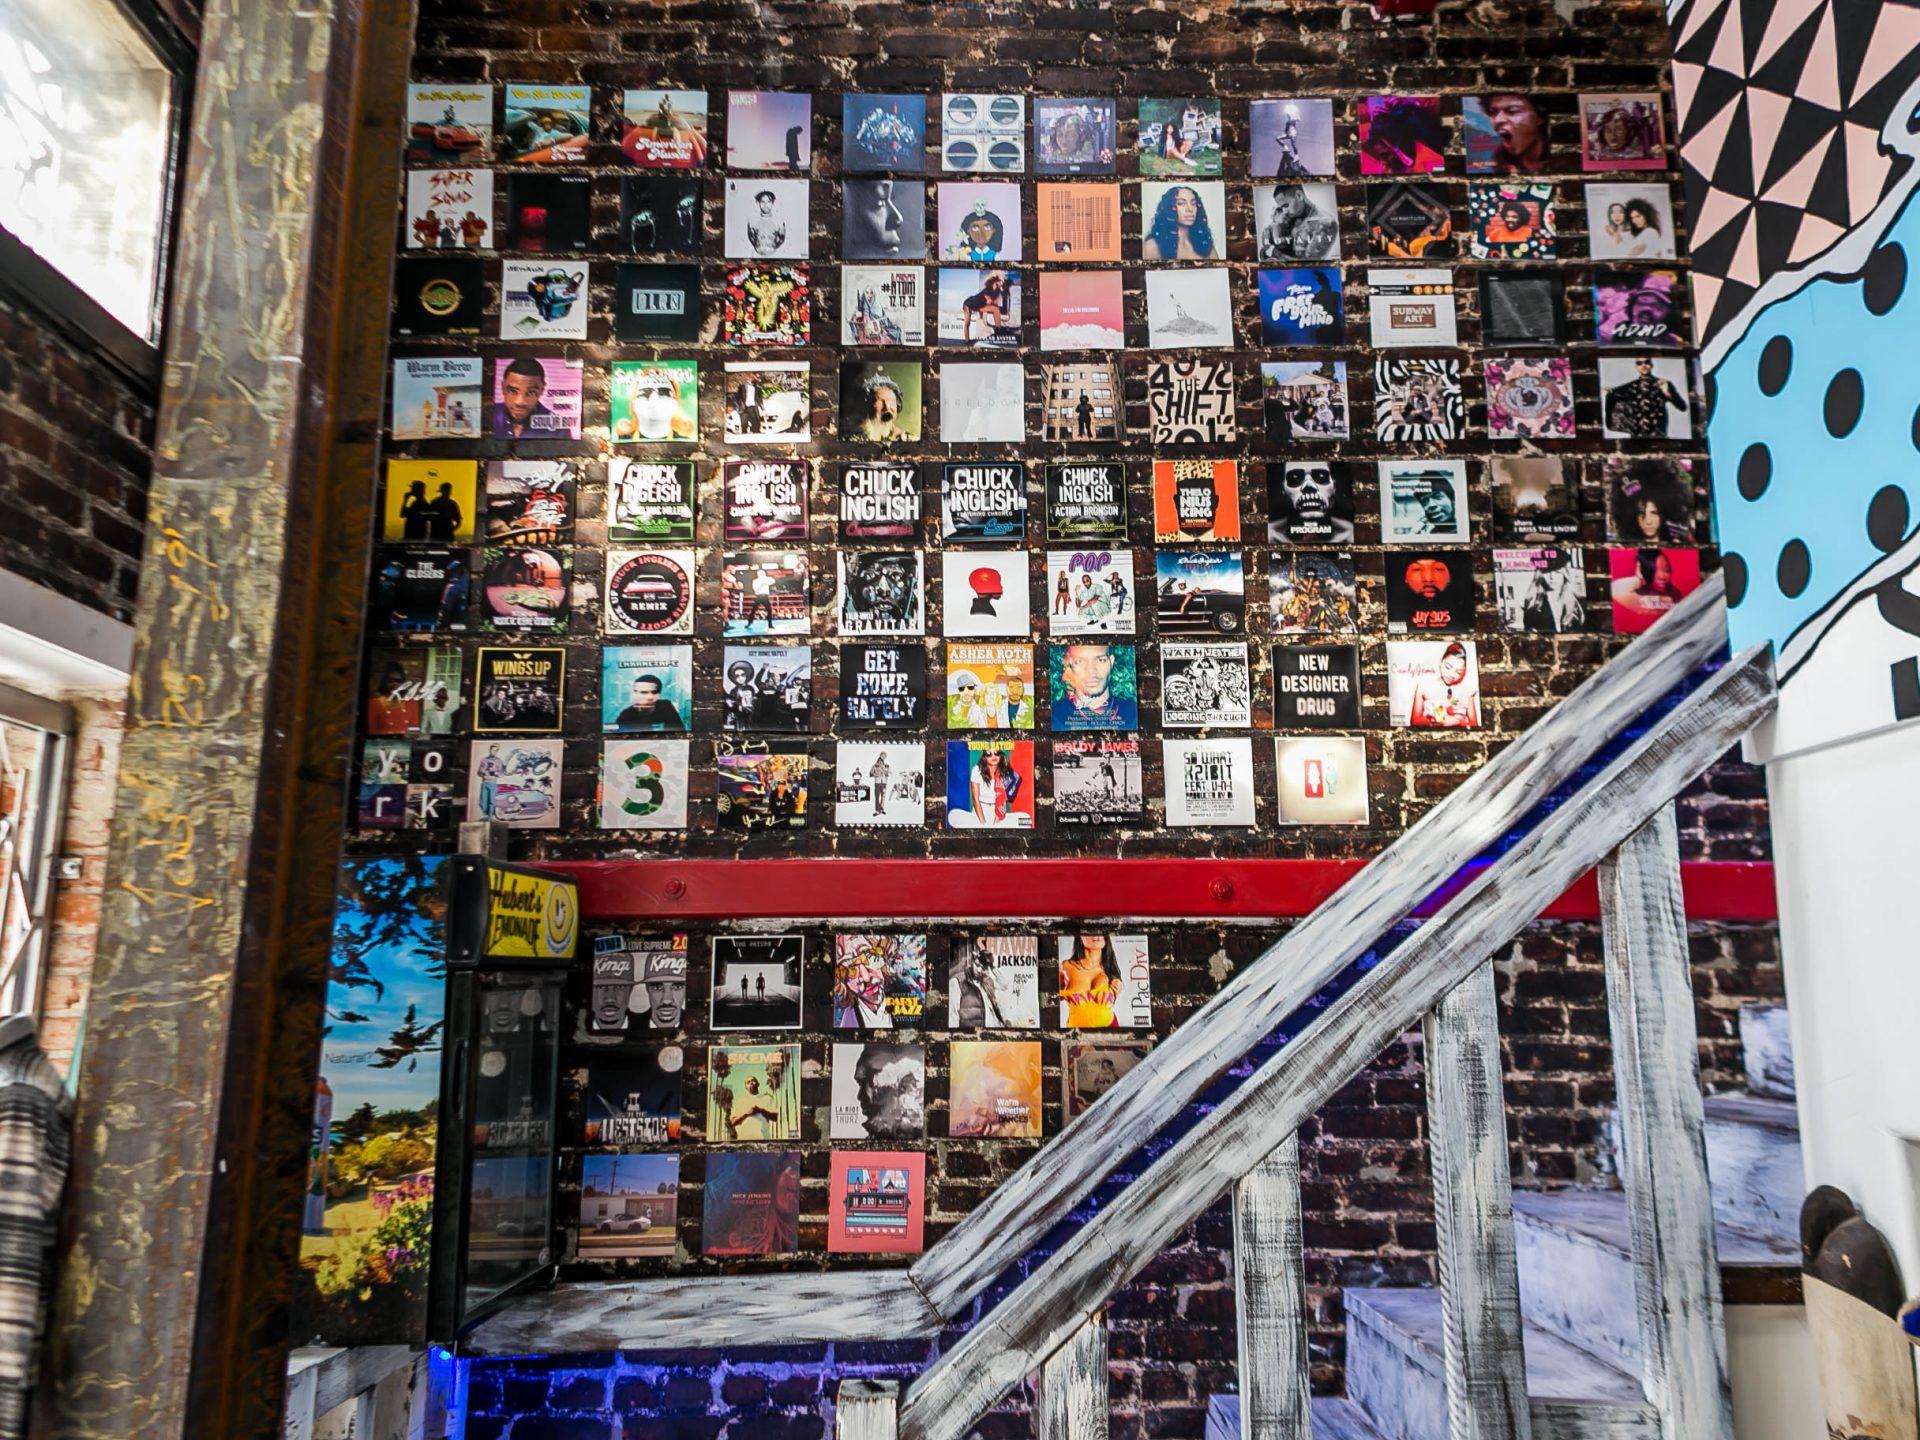 Truth Studios Discography Wall Dec 30, 2017